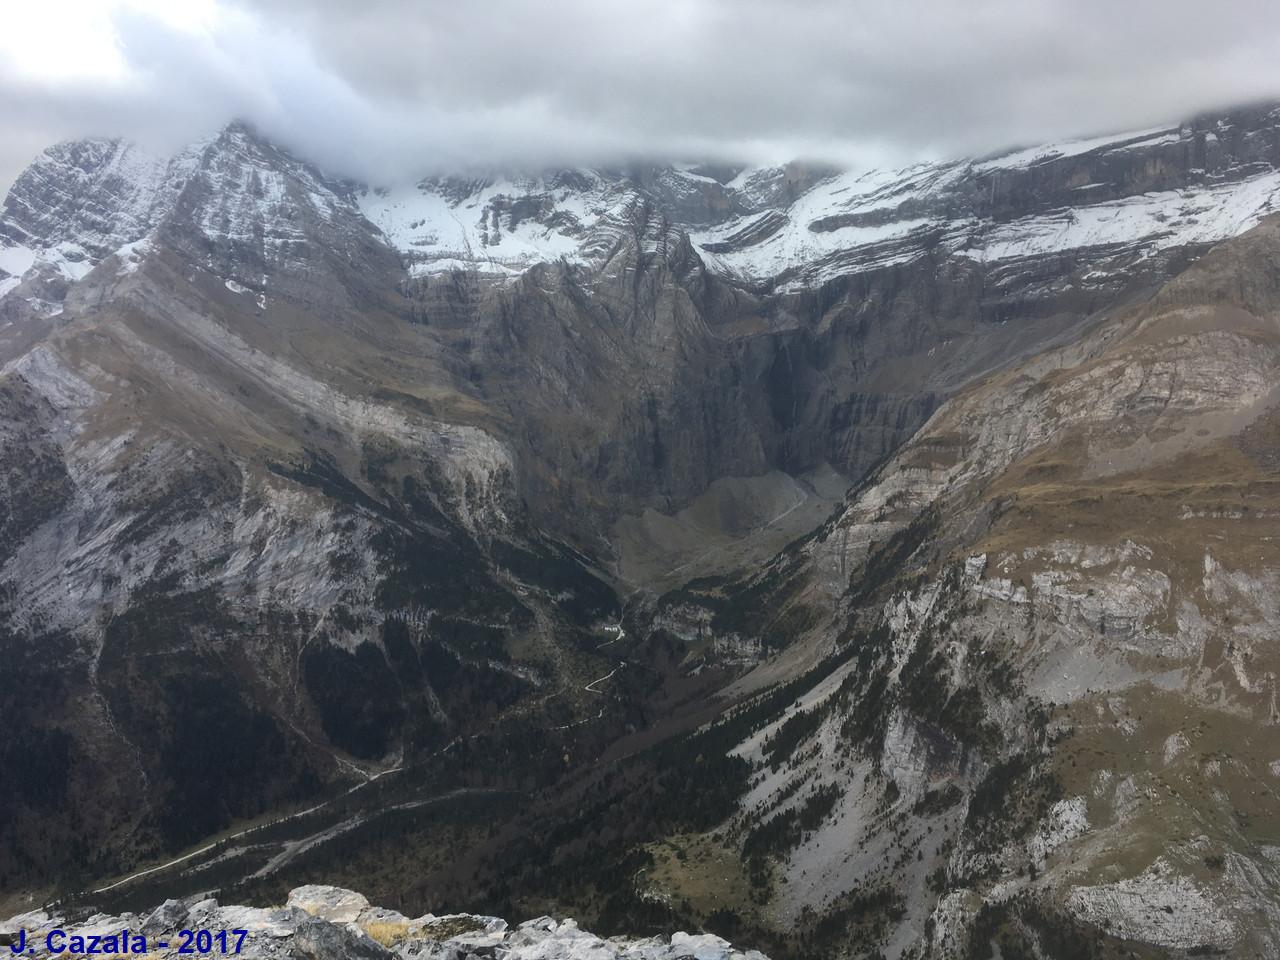 Le cirque de Gavarnie depuis le sentier du Pic de la Pahule